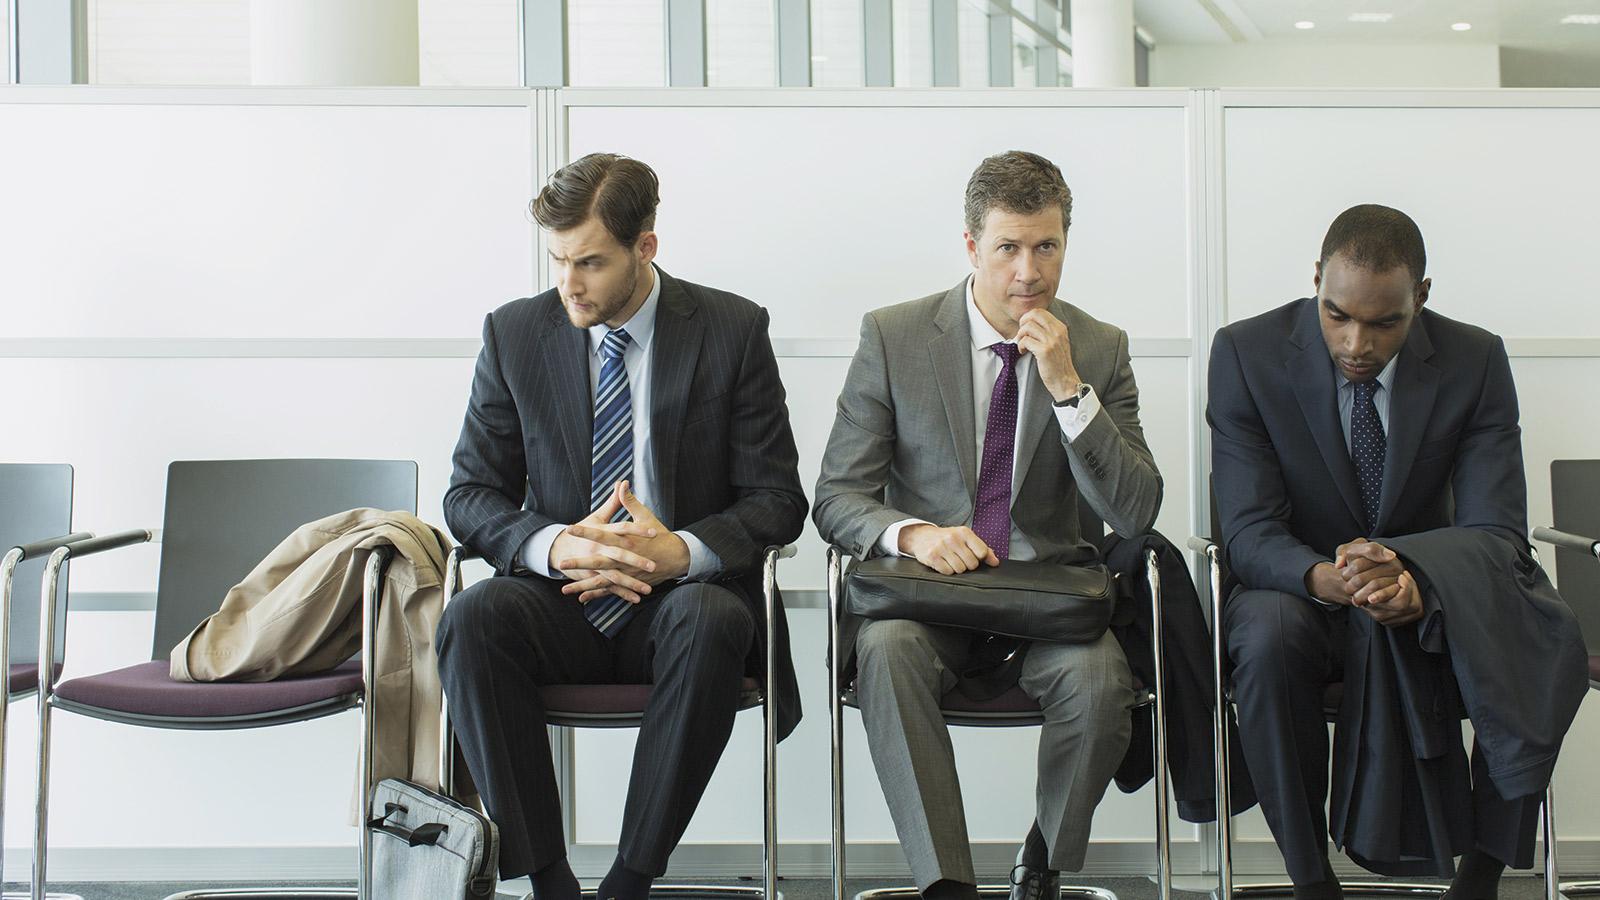 نصائح للحصول على وظيفة بأسرع وقت (3)